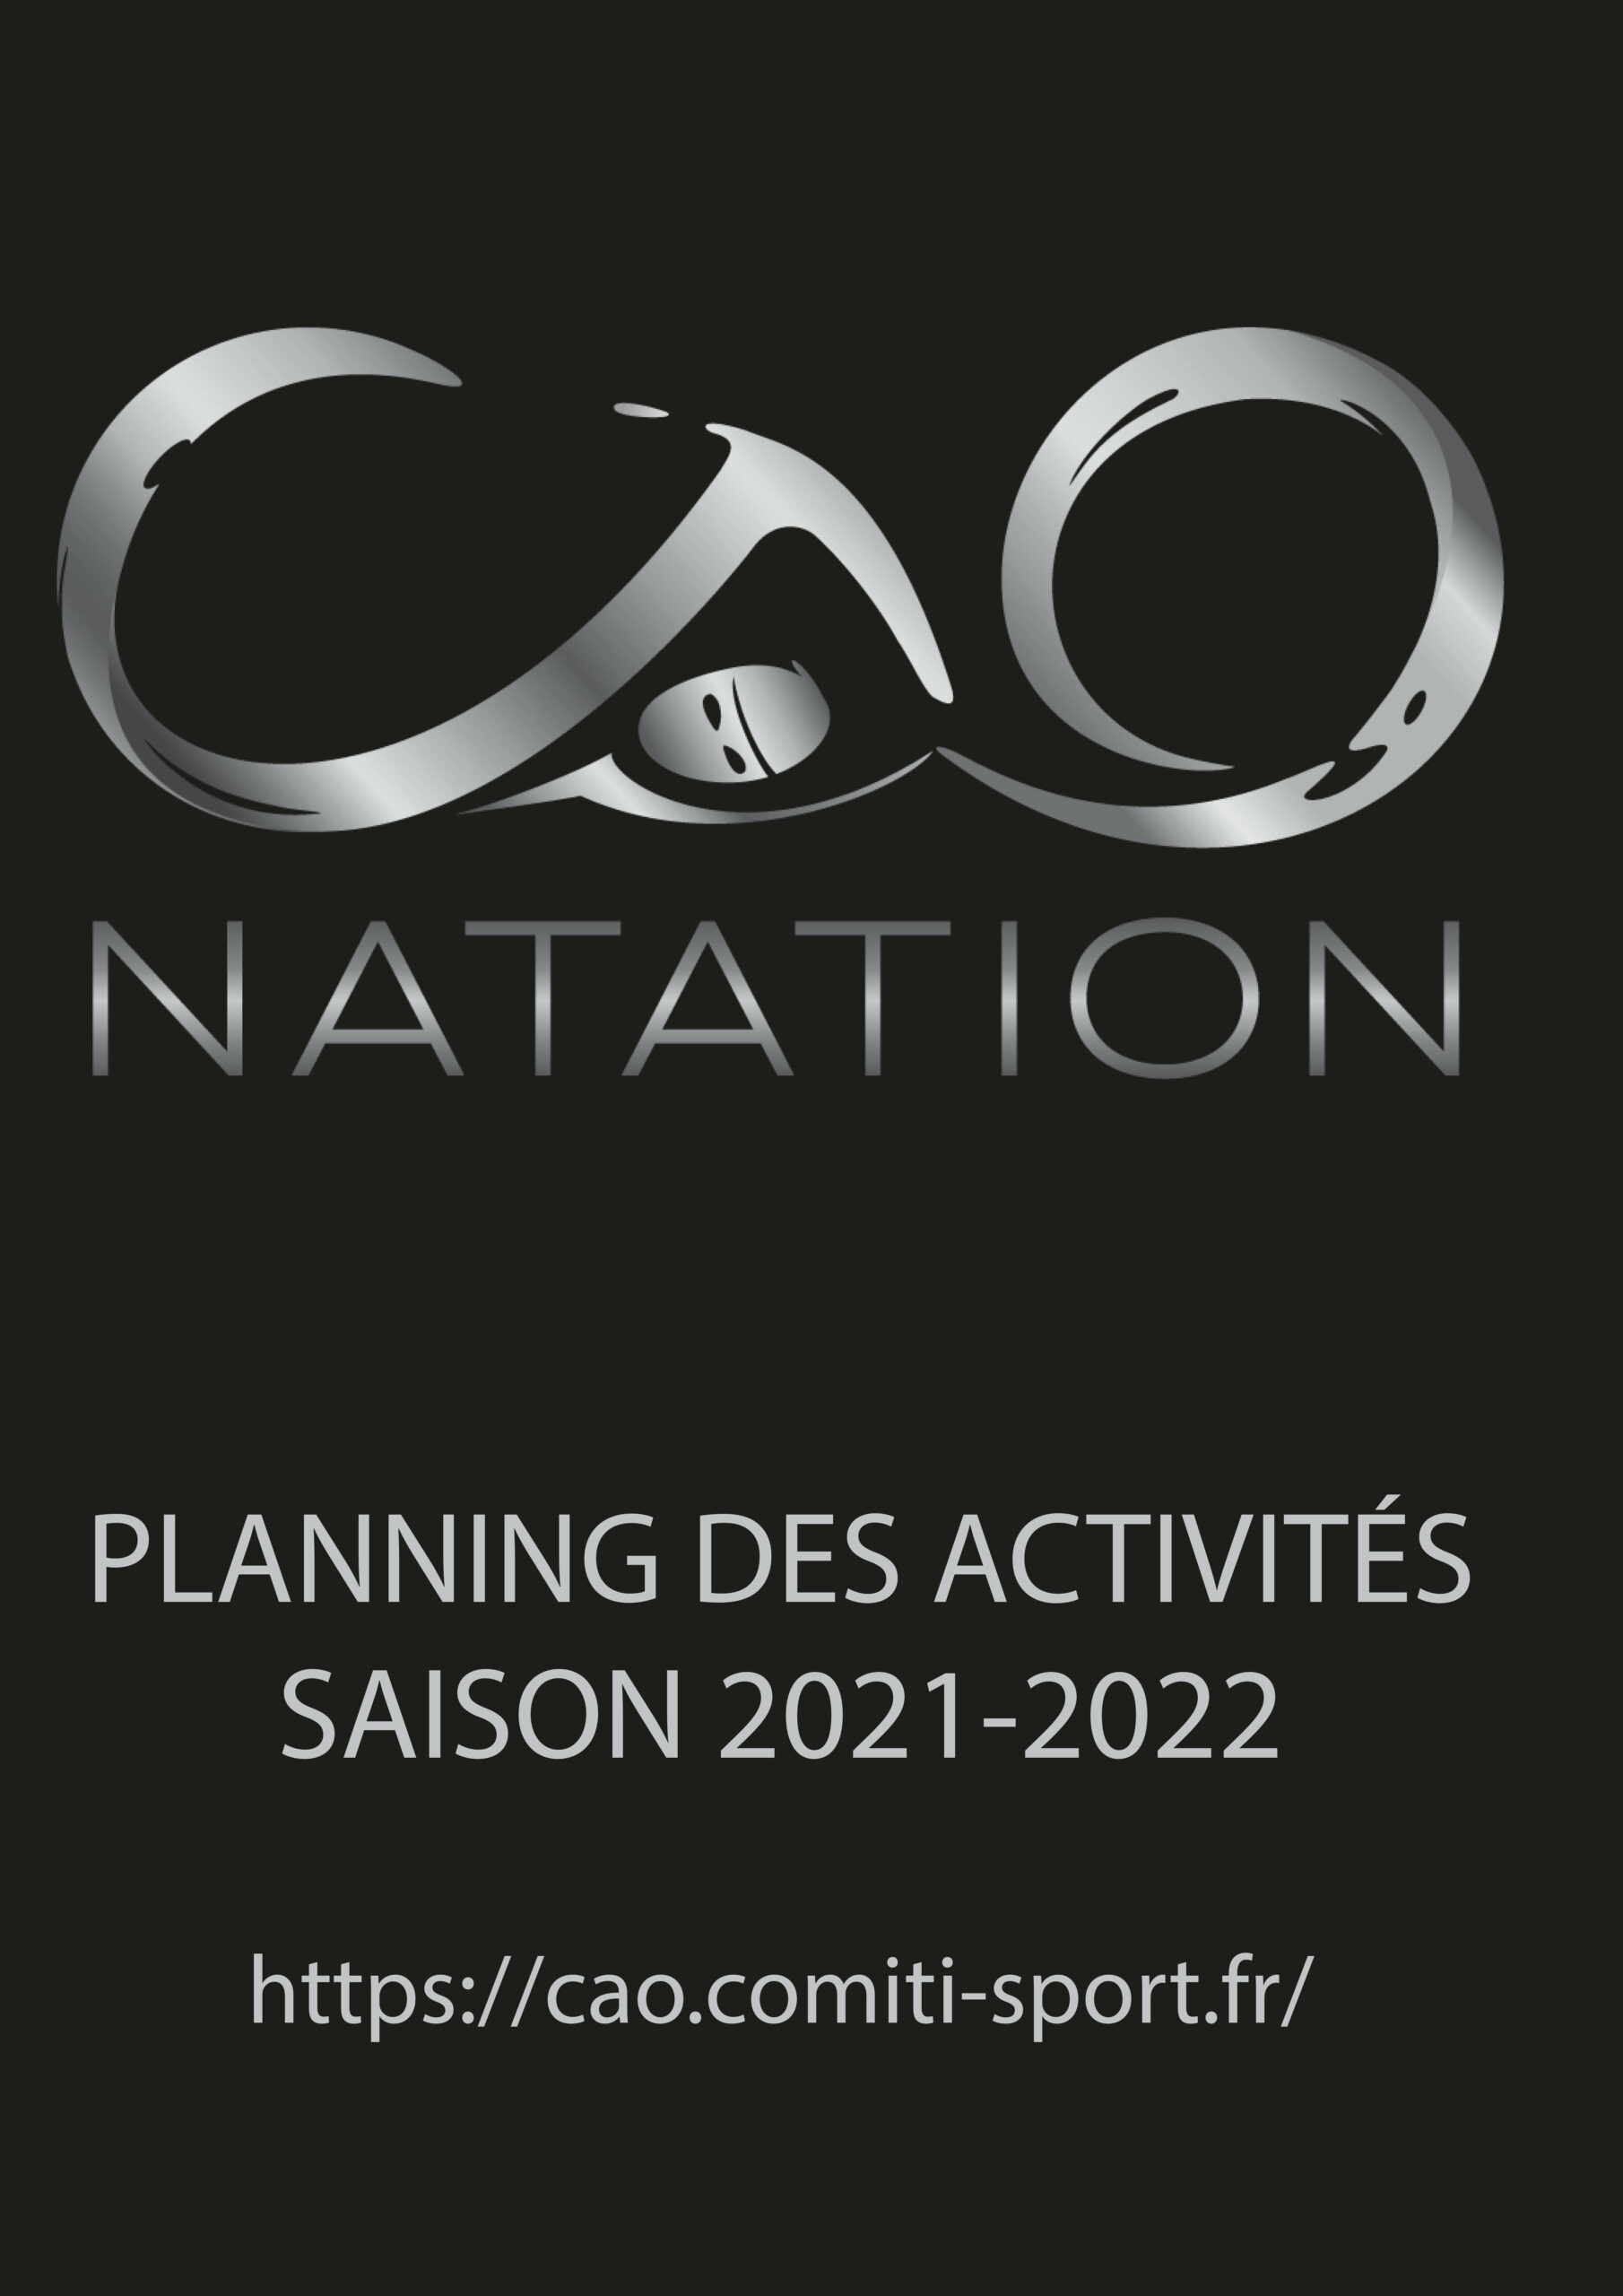 Planning des activités 2021-2022